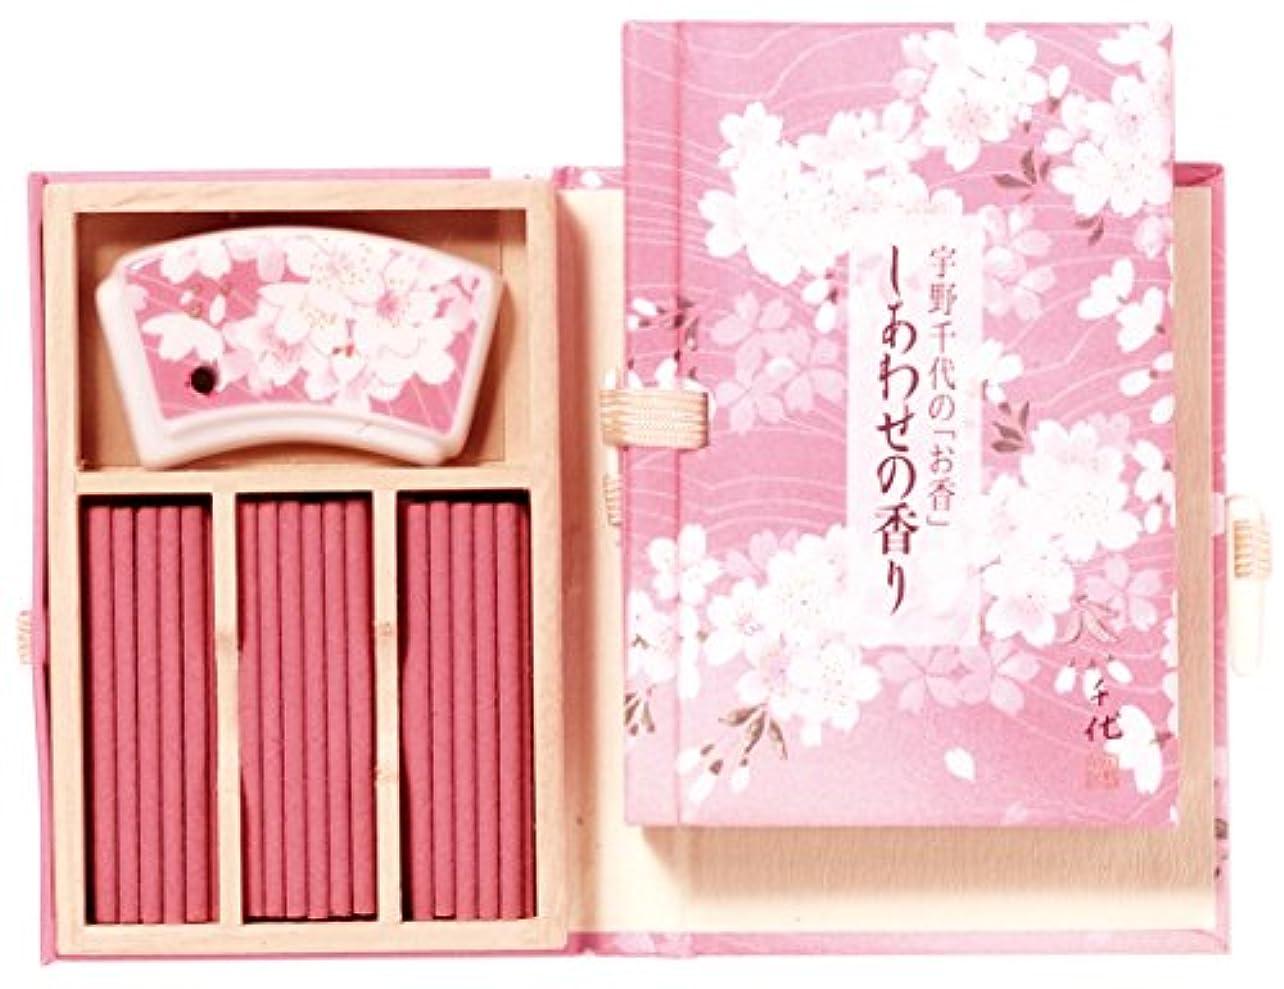 パン温かいどちらか宇野千代 しあわせの香り スティック36本(桜香立付)